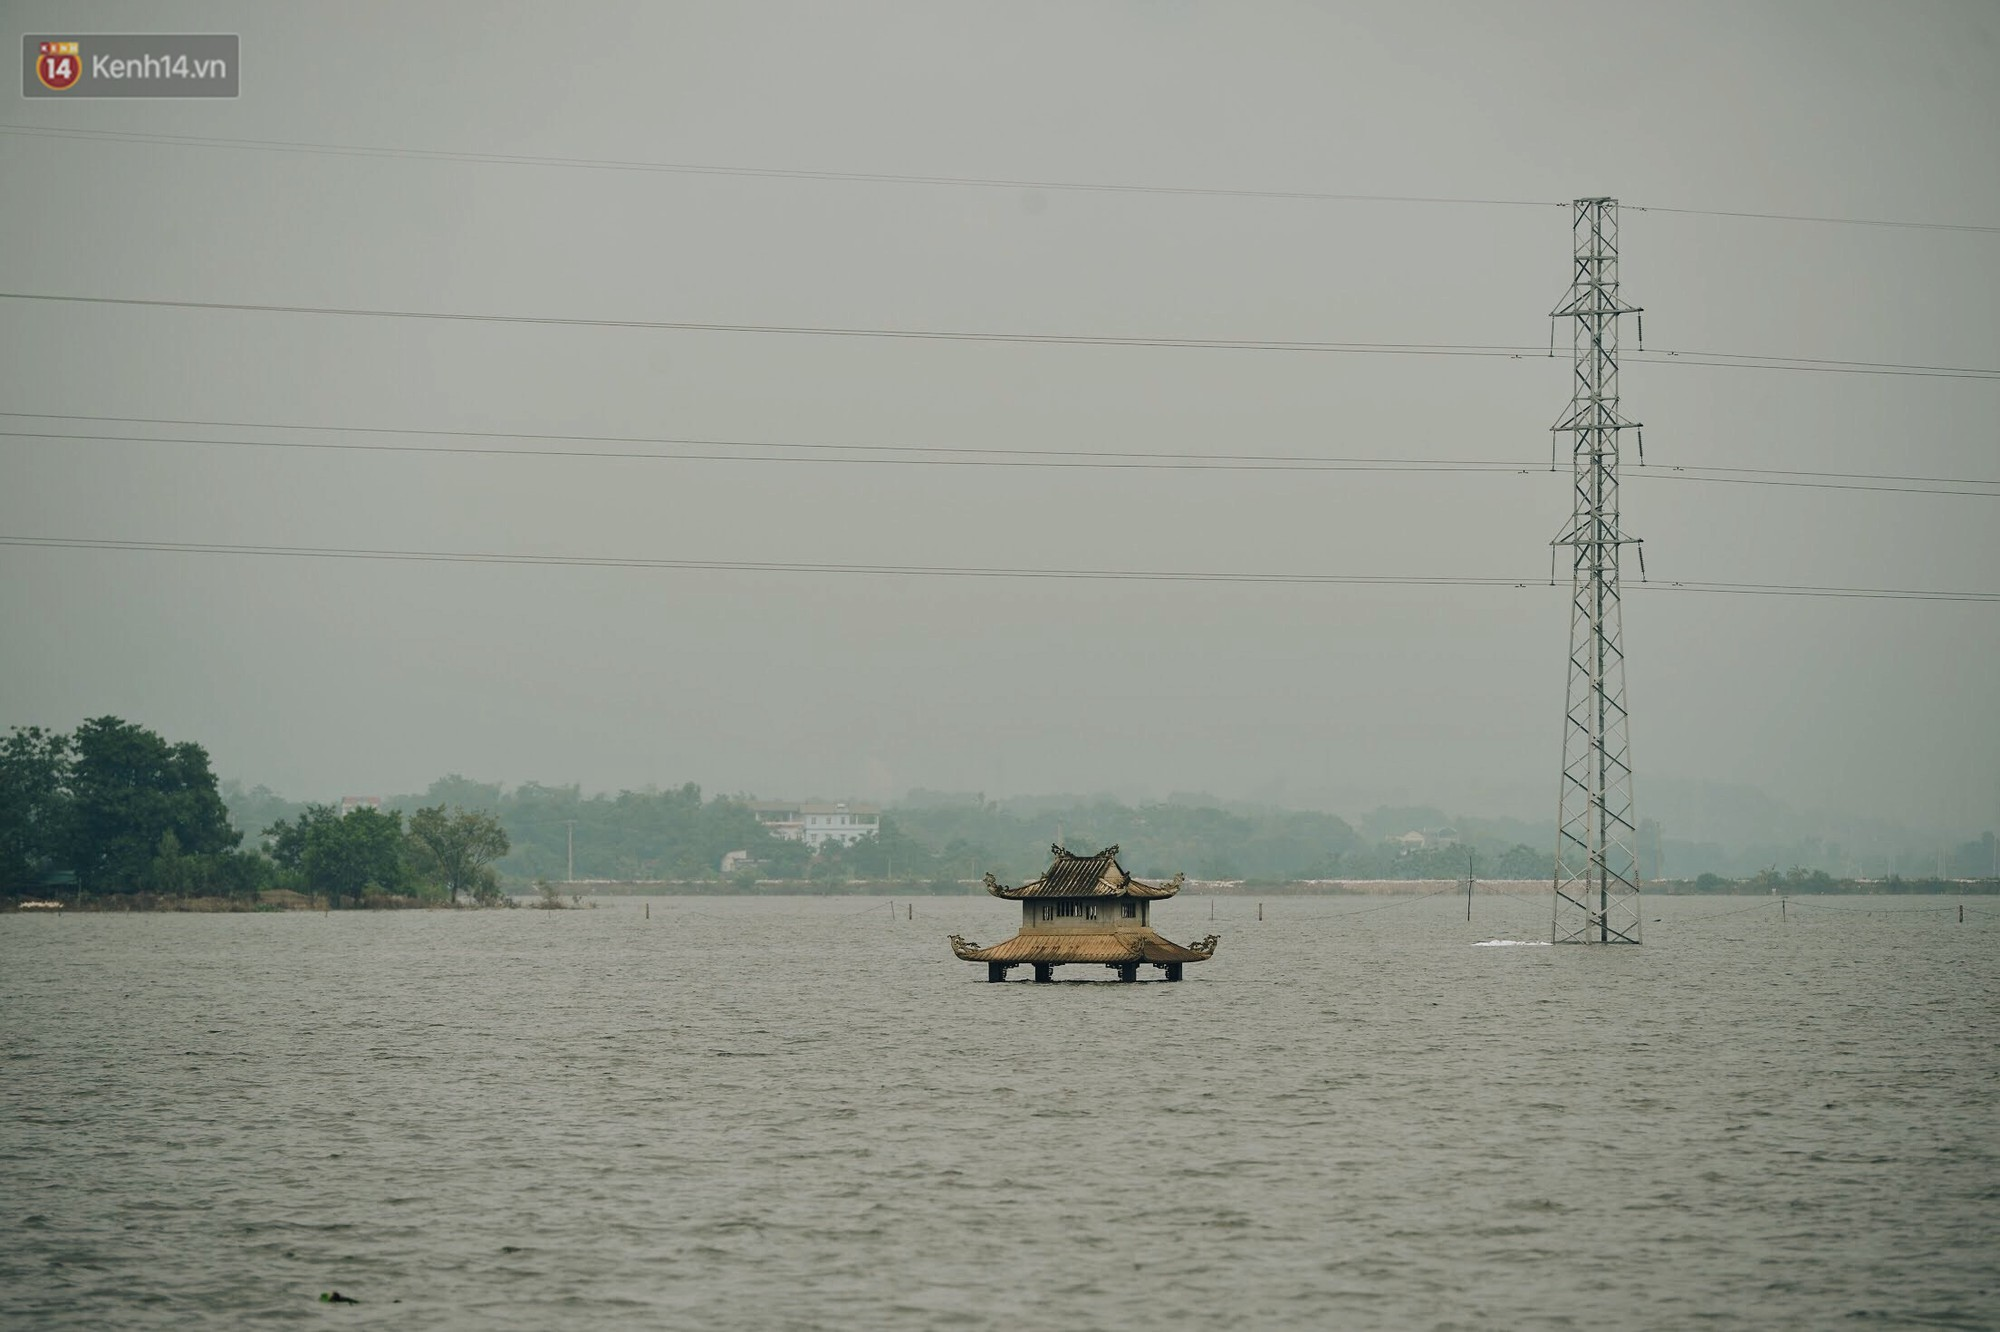 Con đường tỉnh lộ nơi hàng trăm người bơi lội ở Hà Nội sau nửa tháng chìm trong biển nước đã thông xe trở lại - Ảnh 10.